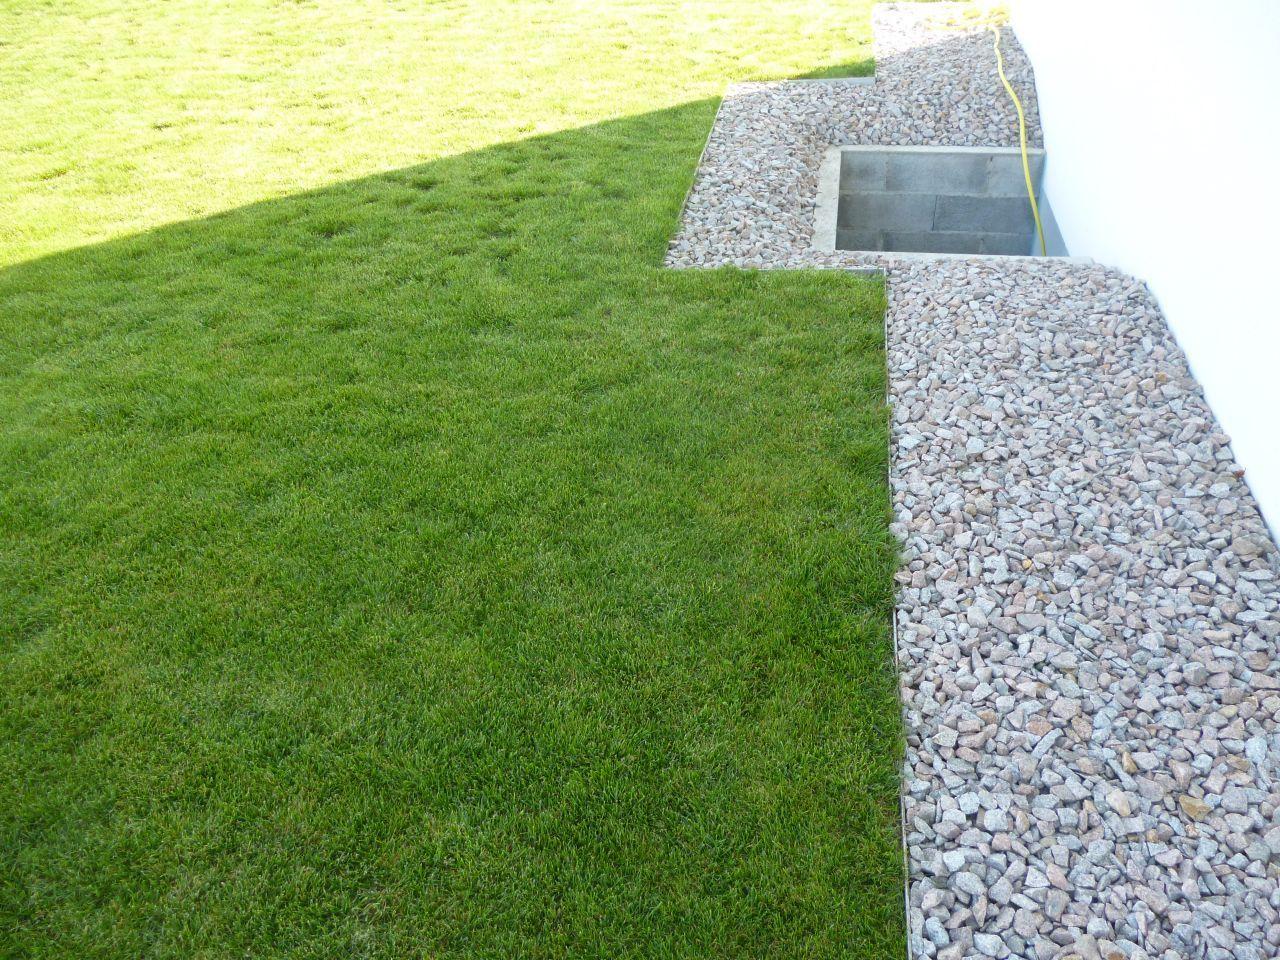 Bordures Nettes Gravillons /pelouse | Jardin | Jardins ... avec Bordure De Jardin En Grillage